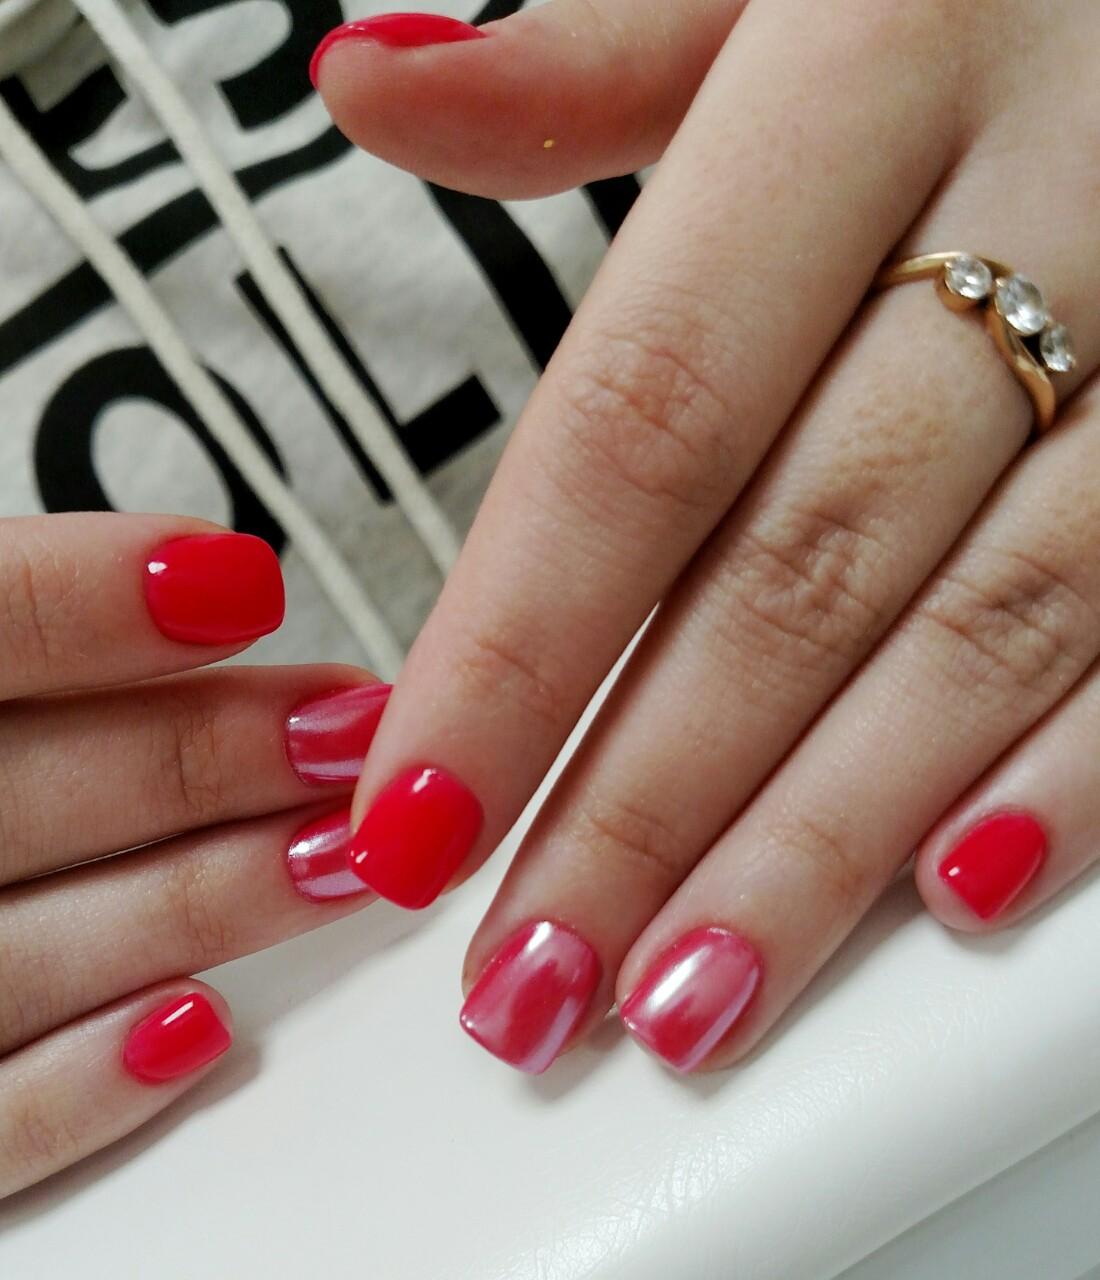 """Аппаратный маникюр, долговременное покрытие, укрепление ногтевой пластины от 10 руб. в студии красоты """"Дария"""""""